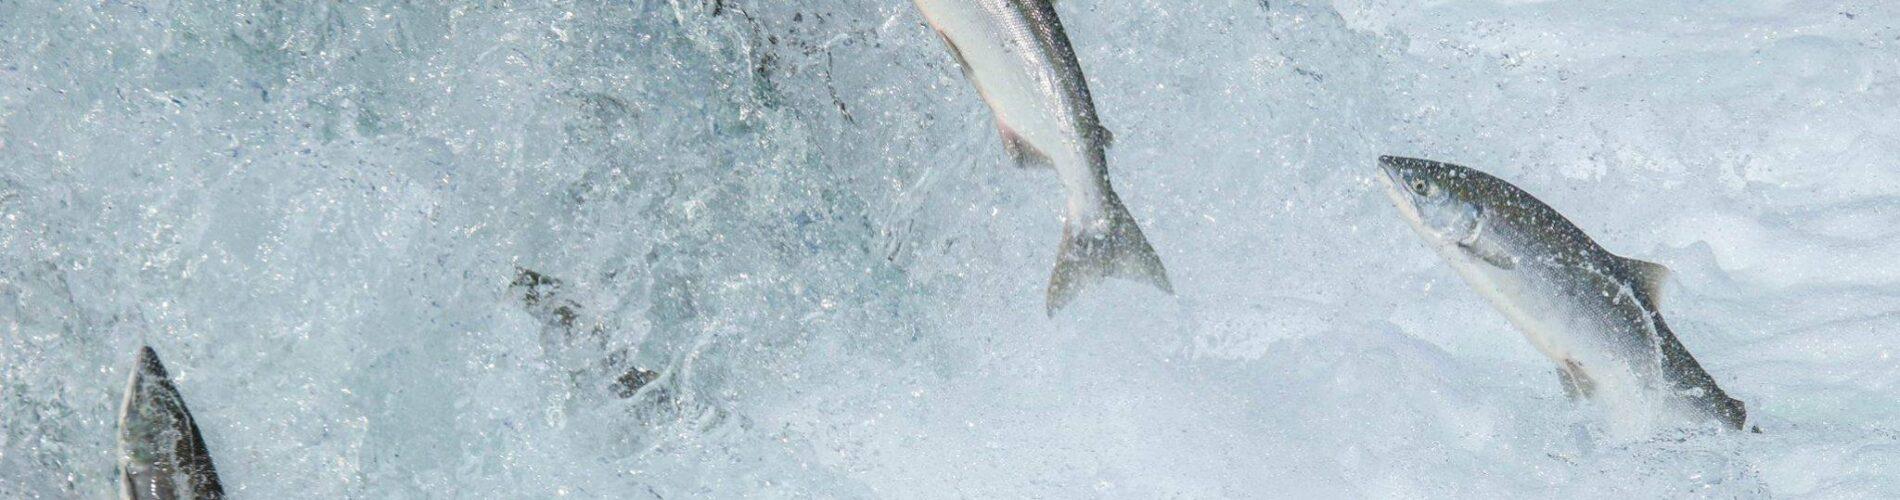 Atlantisk Laks (Salmo salar) på vej op for at gyde i flod. Der sker hver juni til november. Laksen yngler også i Danmark men ude for gyde sæsonen lever laksen i havet alene. Der bliver færre og færre Atlantiske Laks også kaldet vildlaks grundet overfiskning. Drop Laks - Værd god mod havet og din krop - Hverdagsaktivisme - Blog - Ildfugl.com